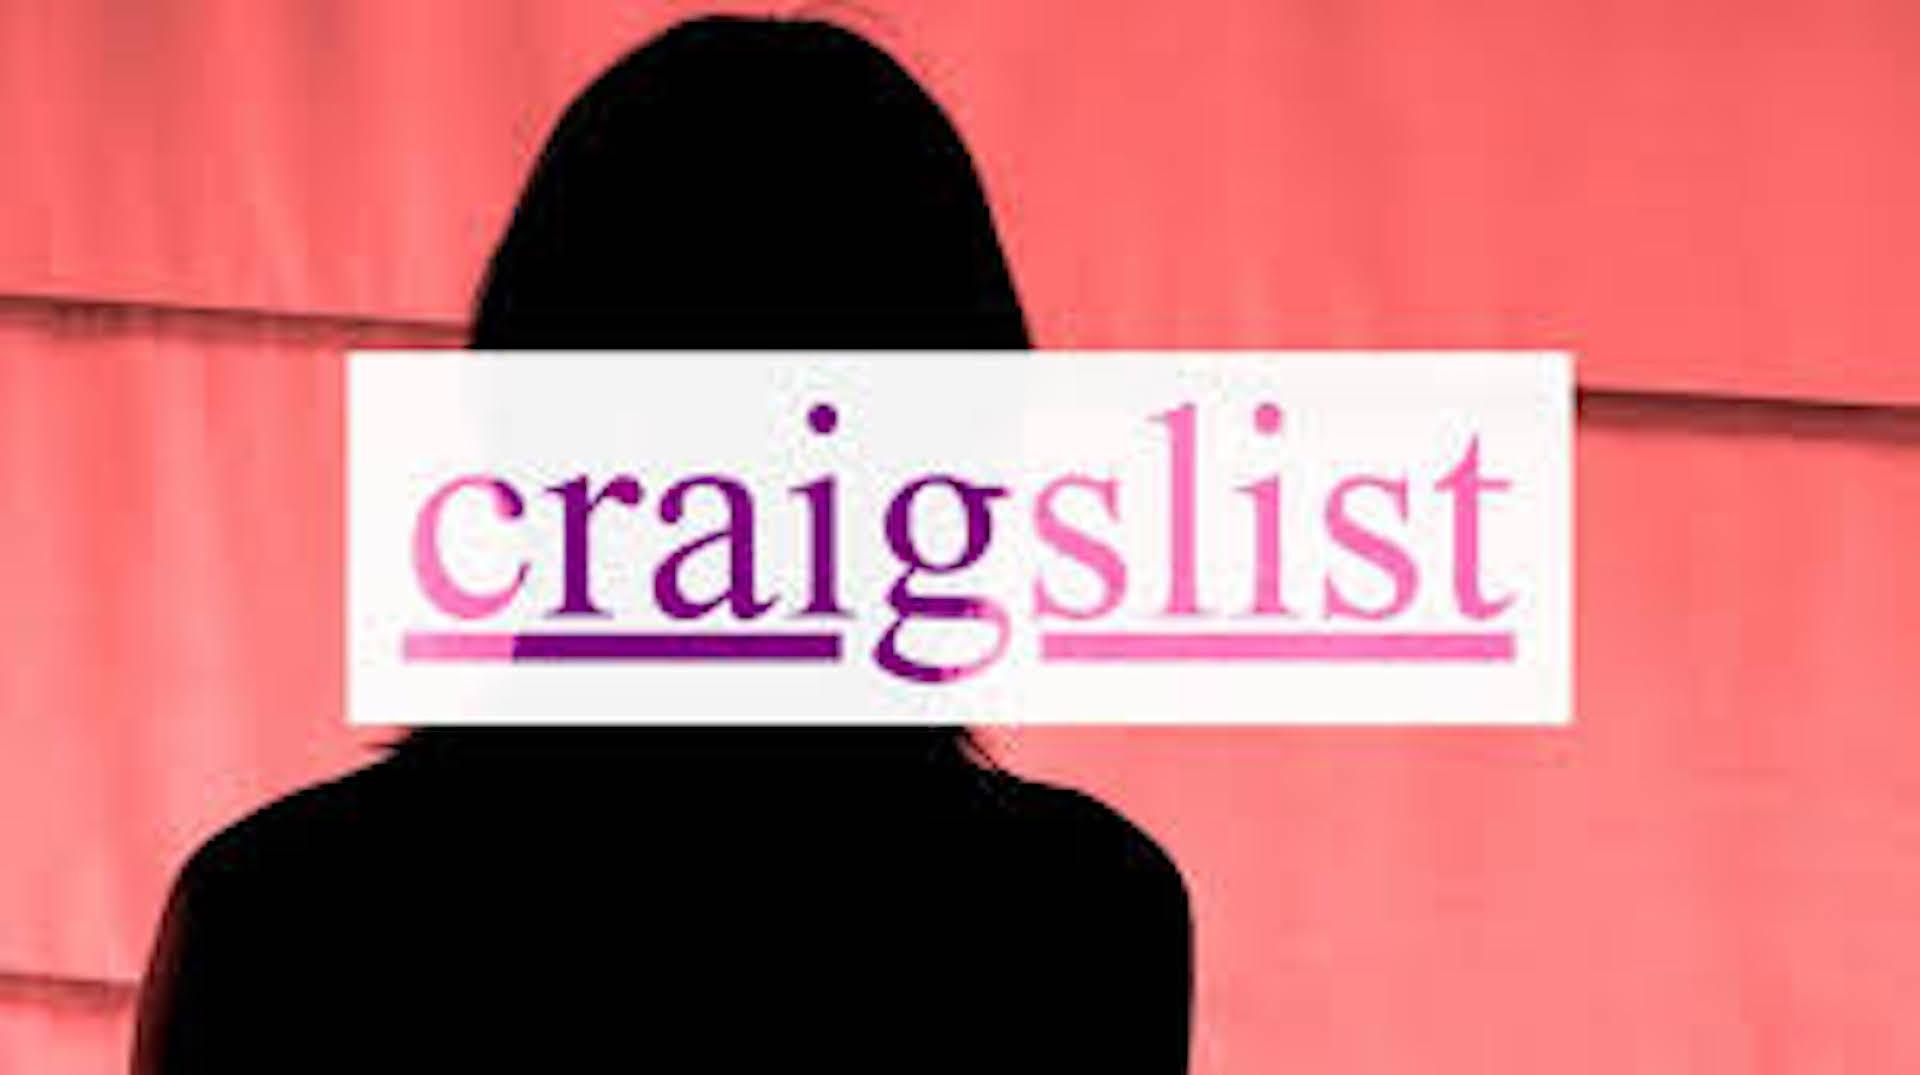 hook up ads like craigslist